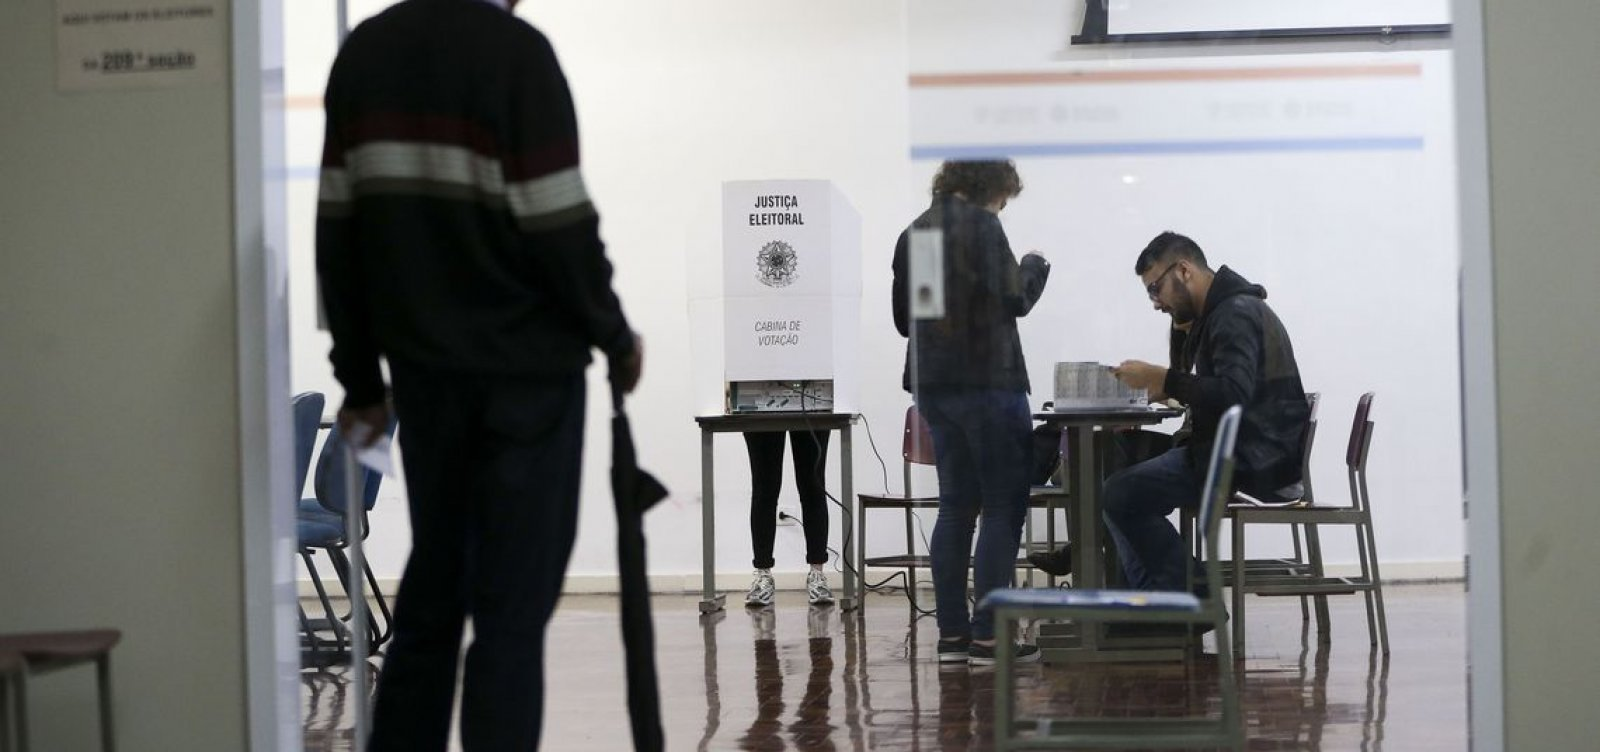 Justiça decreta prisão de eleitor que filmou voto e agrediu mesária